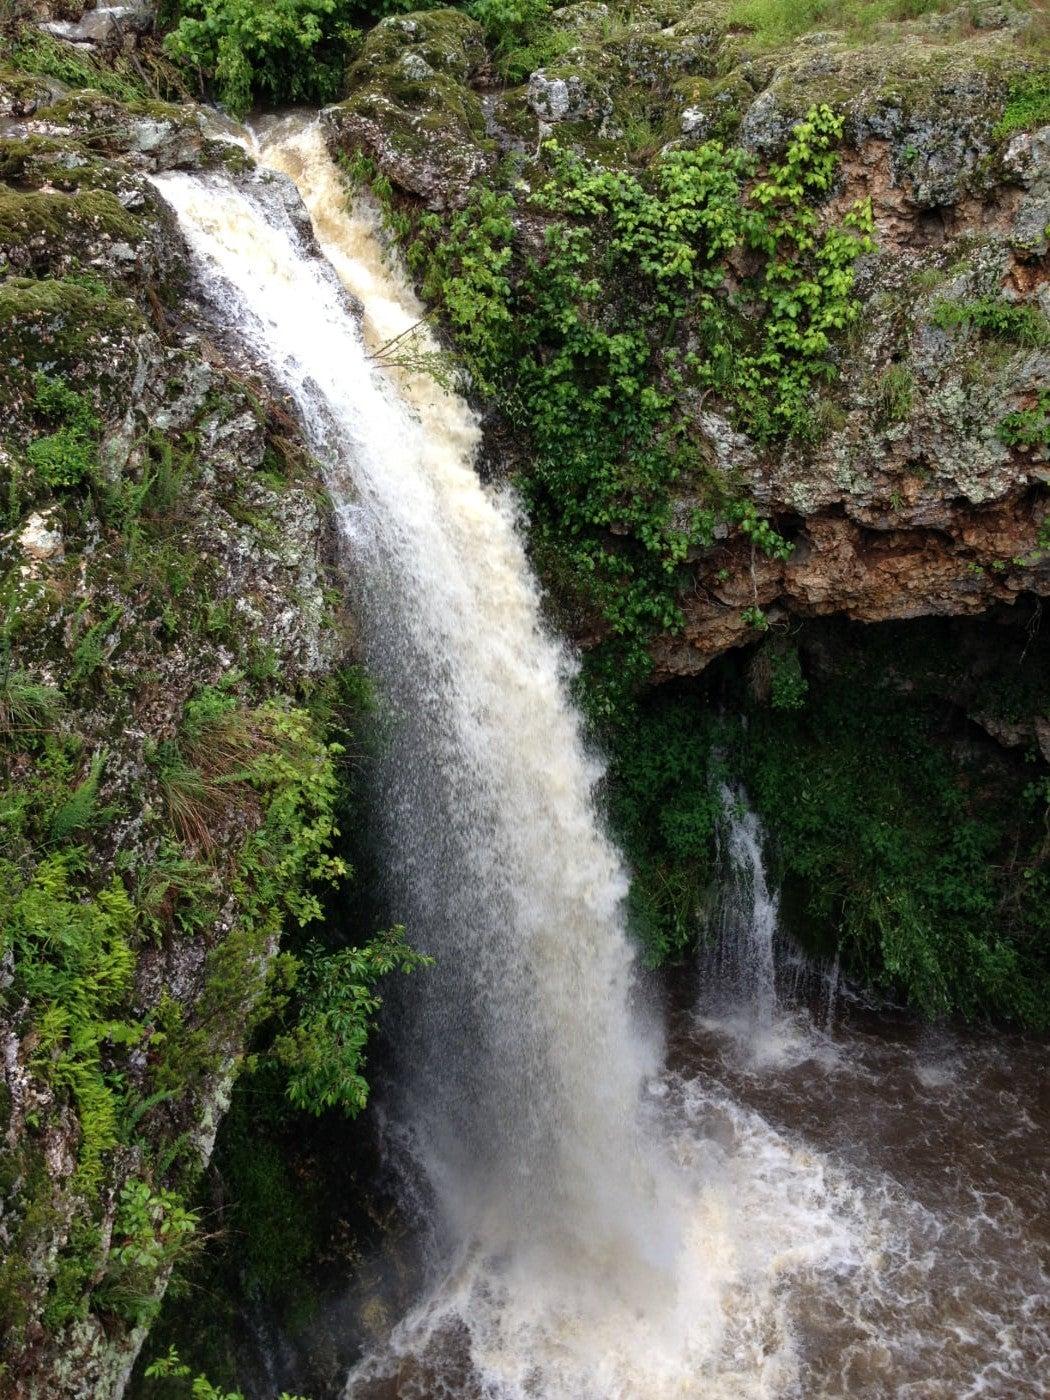 waterfall cascades over green rocky cliffside